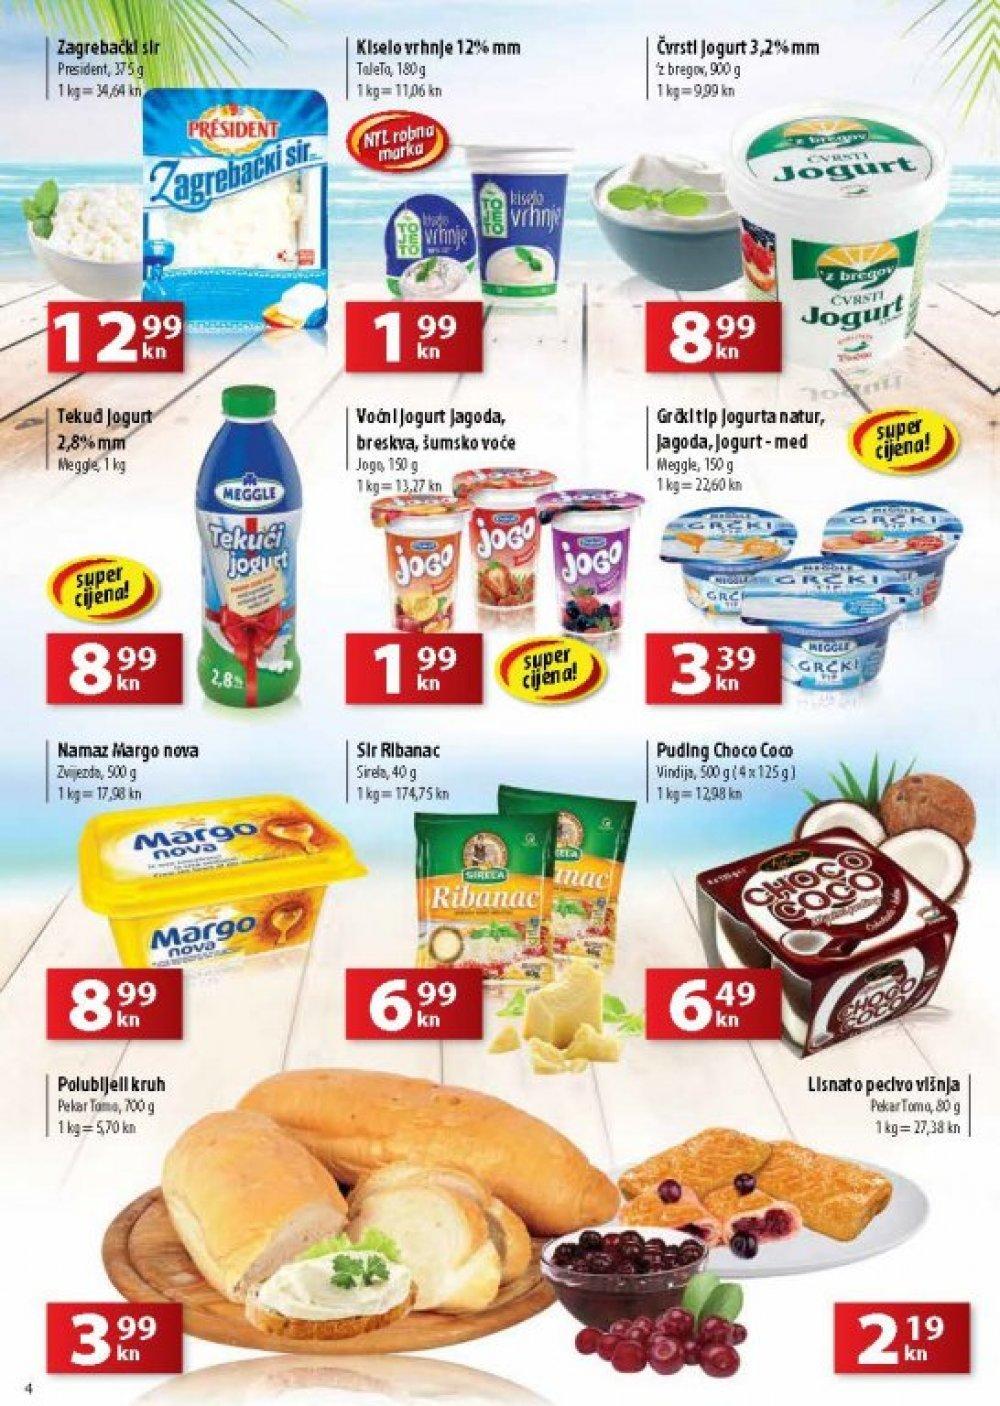 NTL Katalog Tjedna super ponuda Istok 13.07. - 19.07.2017.